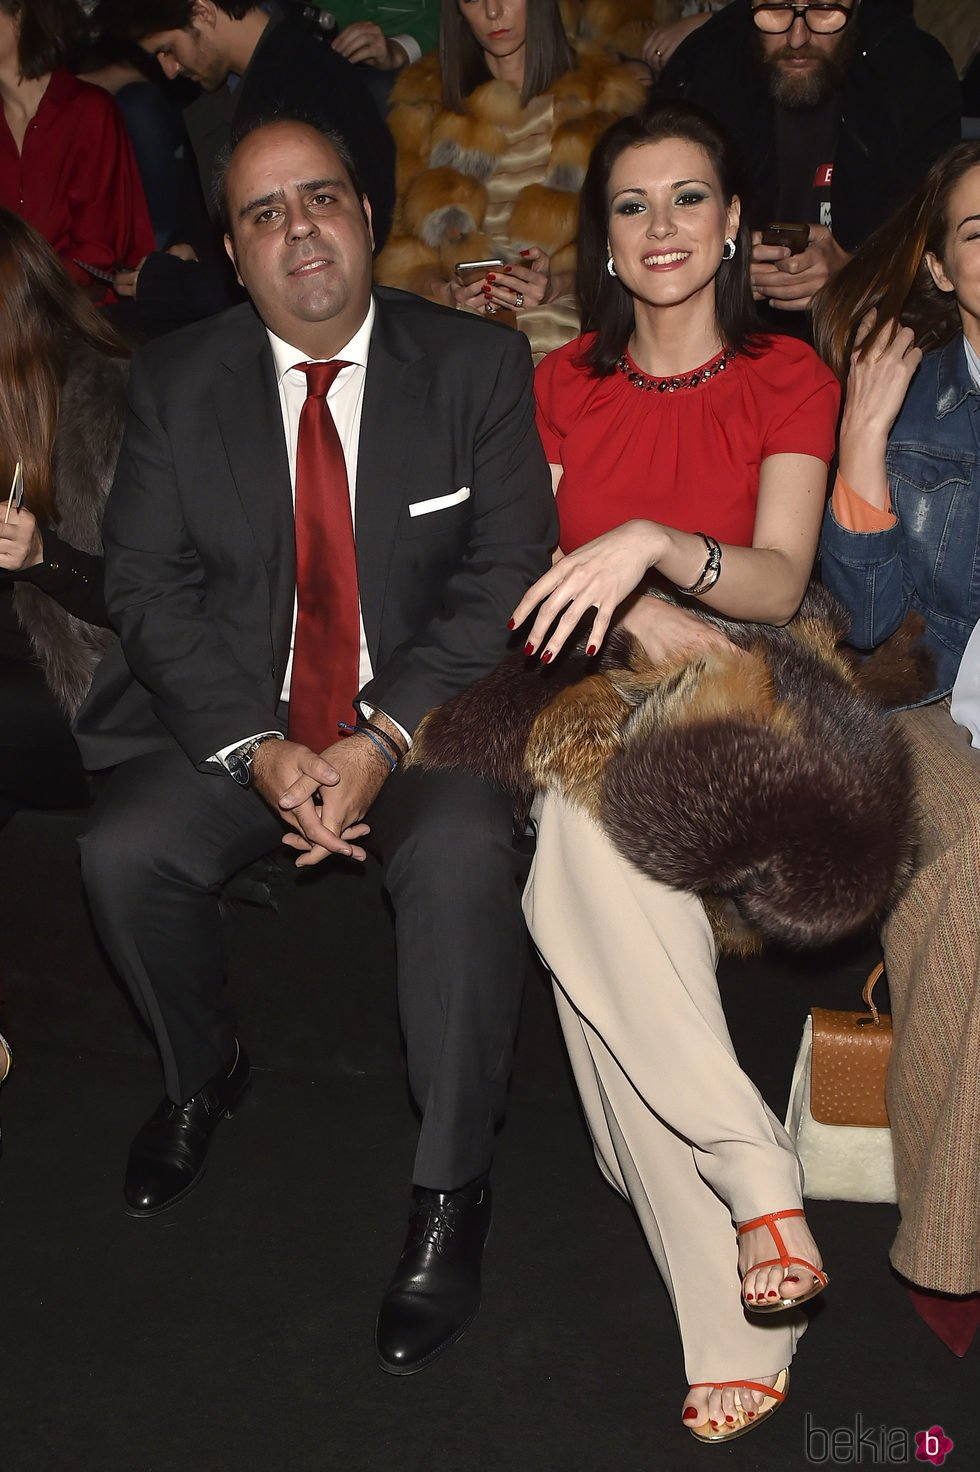 María Jesús Ruiz y Julio Ruz en el front row del desfile de Moisés Nieto y Miguel Marinero en Madrid Fashion Week otoño/invierno 2017/2018